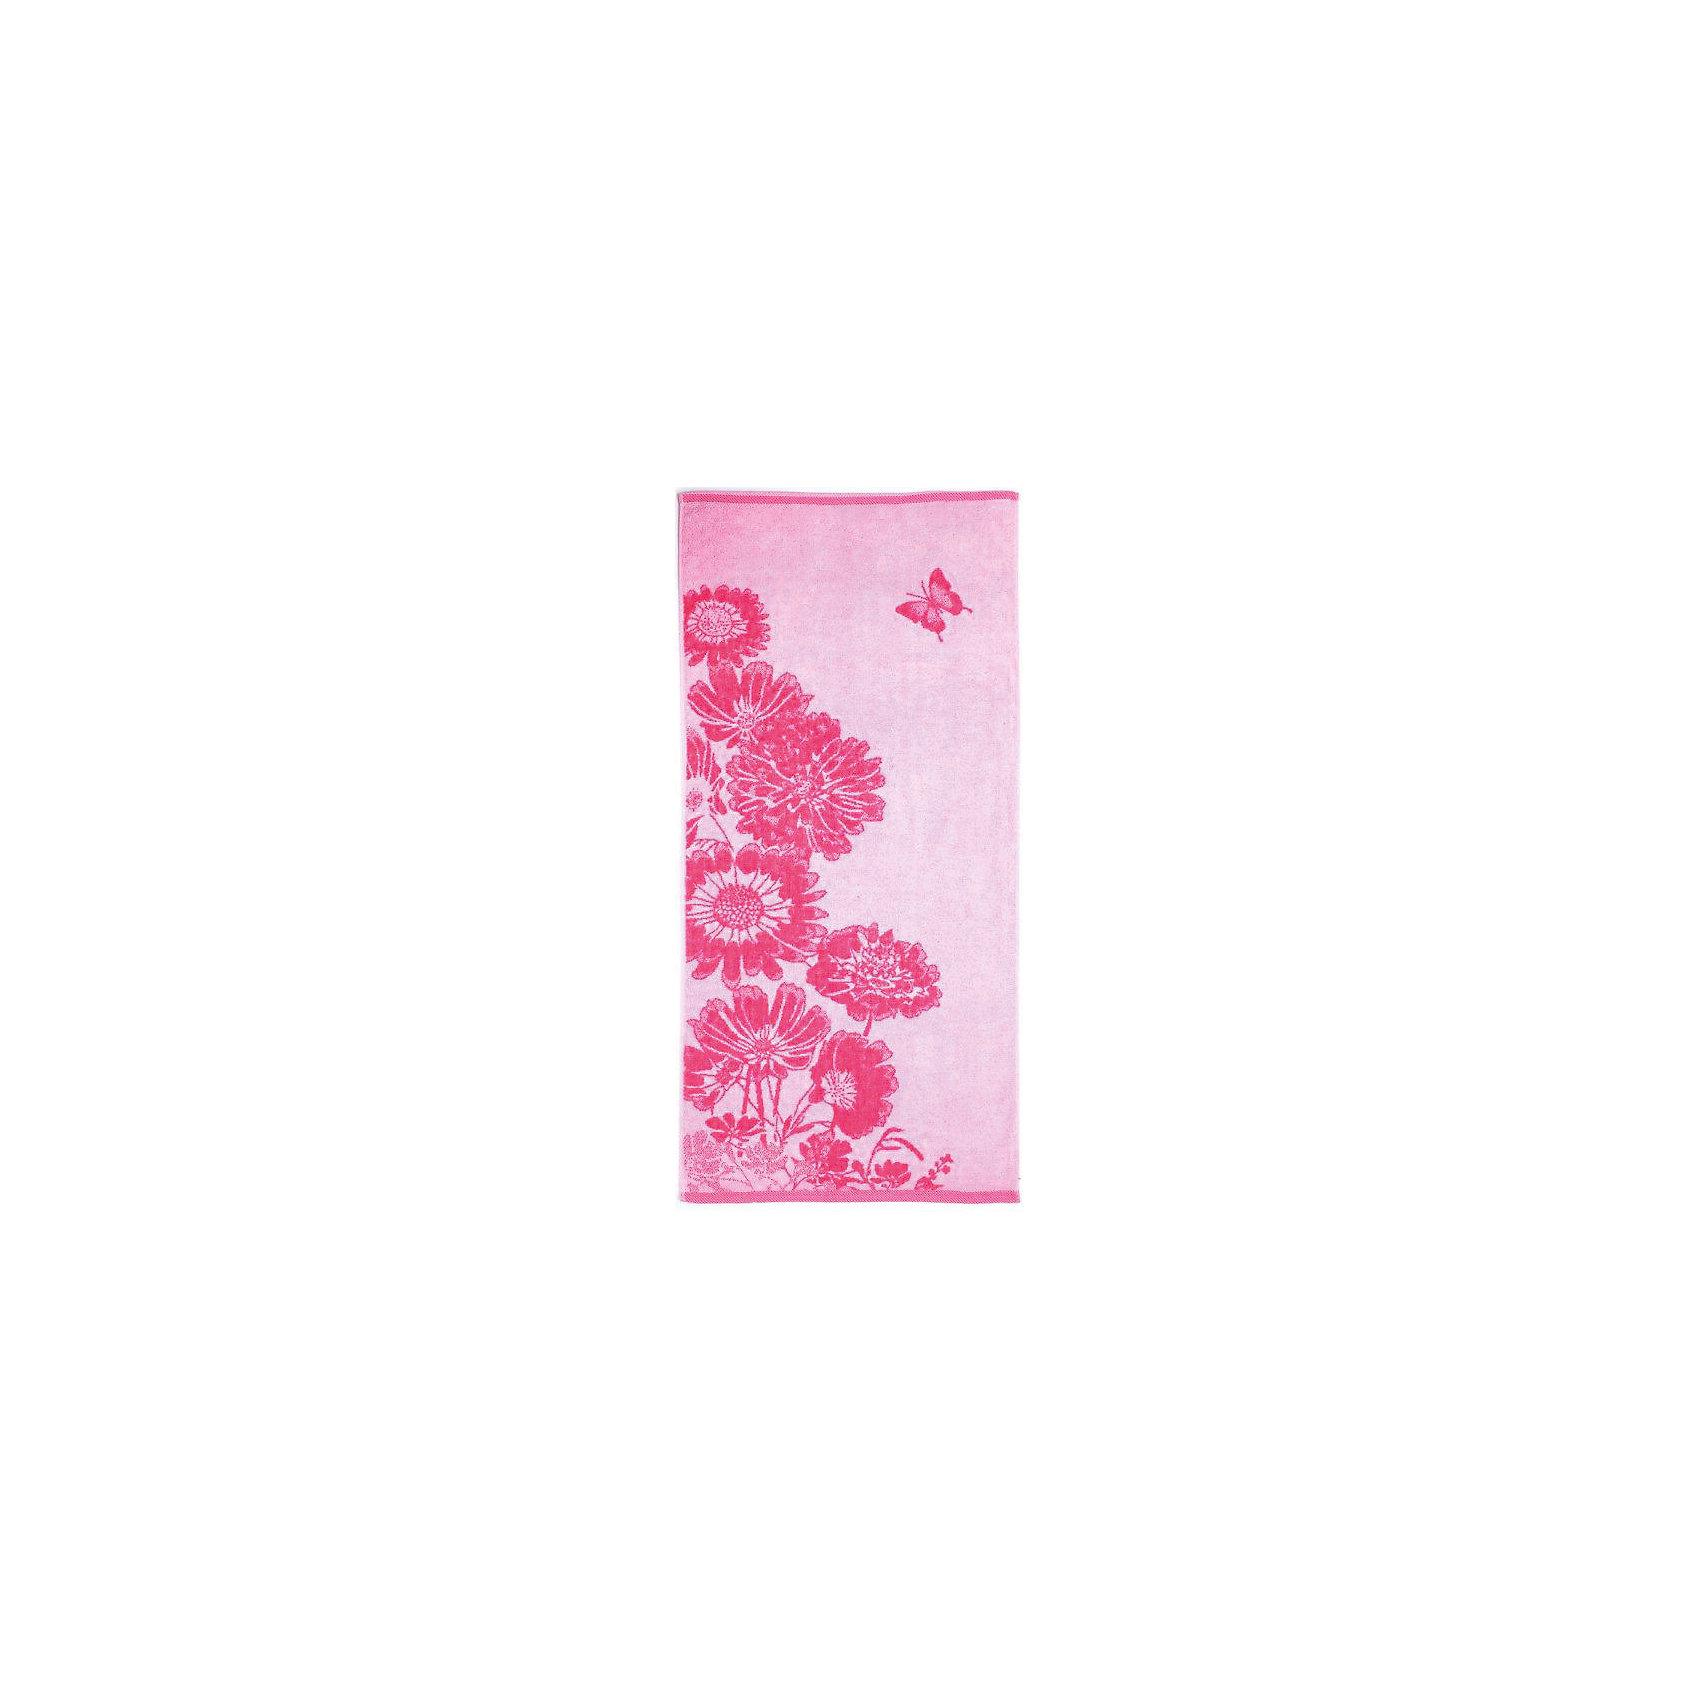 Полотенце махровое Цветник 60*130, Любимый дом, розовыйДомашний текстиль<br>Махровое полотенце Цветник подарит вам необычайную мягкость после водных процедур. Полотенце изготовлено из качественного хлопка, поэтому оно хорошо впитывает влагу, приятно на ощупь и сохраняет свои качества после многих стирок. Красивая вышивка с цветами непременно понравится вам!<br><br>Дополнительная информация:<br>Материал: 100% хлопок<br>Цвет: розовый<br>Размер: 60х130 см<br>Торговая марка: Любимый дом<br><br>Вы можете приобрести махровое полотенце Цветник в нашем интернет-магазине.<br><br>Ширина мм: 500<br>Глубина мм: 500<br>Высота мм: 200<br>Вес г: 300<br>Возраст от месяцев: 0<br>Возраст до месяцев: 144<br>Пол: Унисекс<br>Возраст: Детский<br>SKU: 5010976